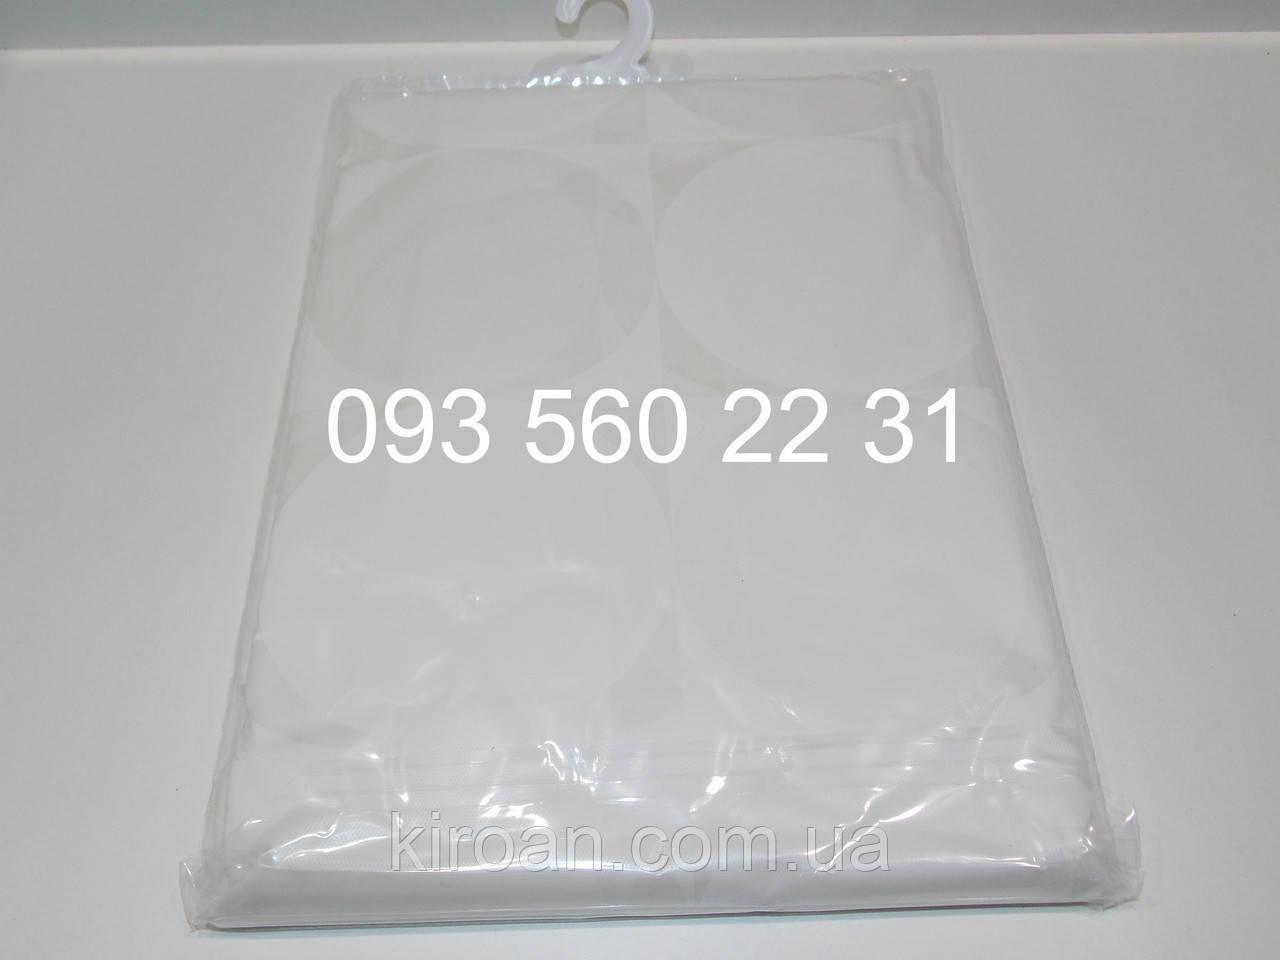 Клеенчатая шторка для ванной/душа,цвет - белый PEVA 180х180 см ЭКОНОМ